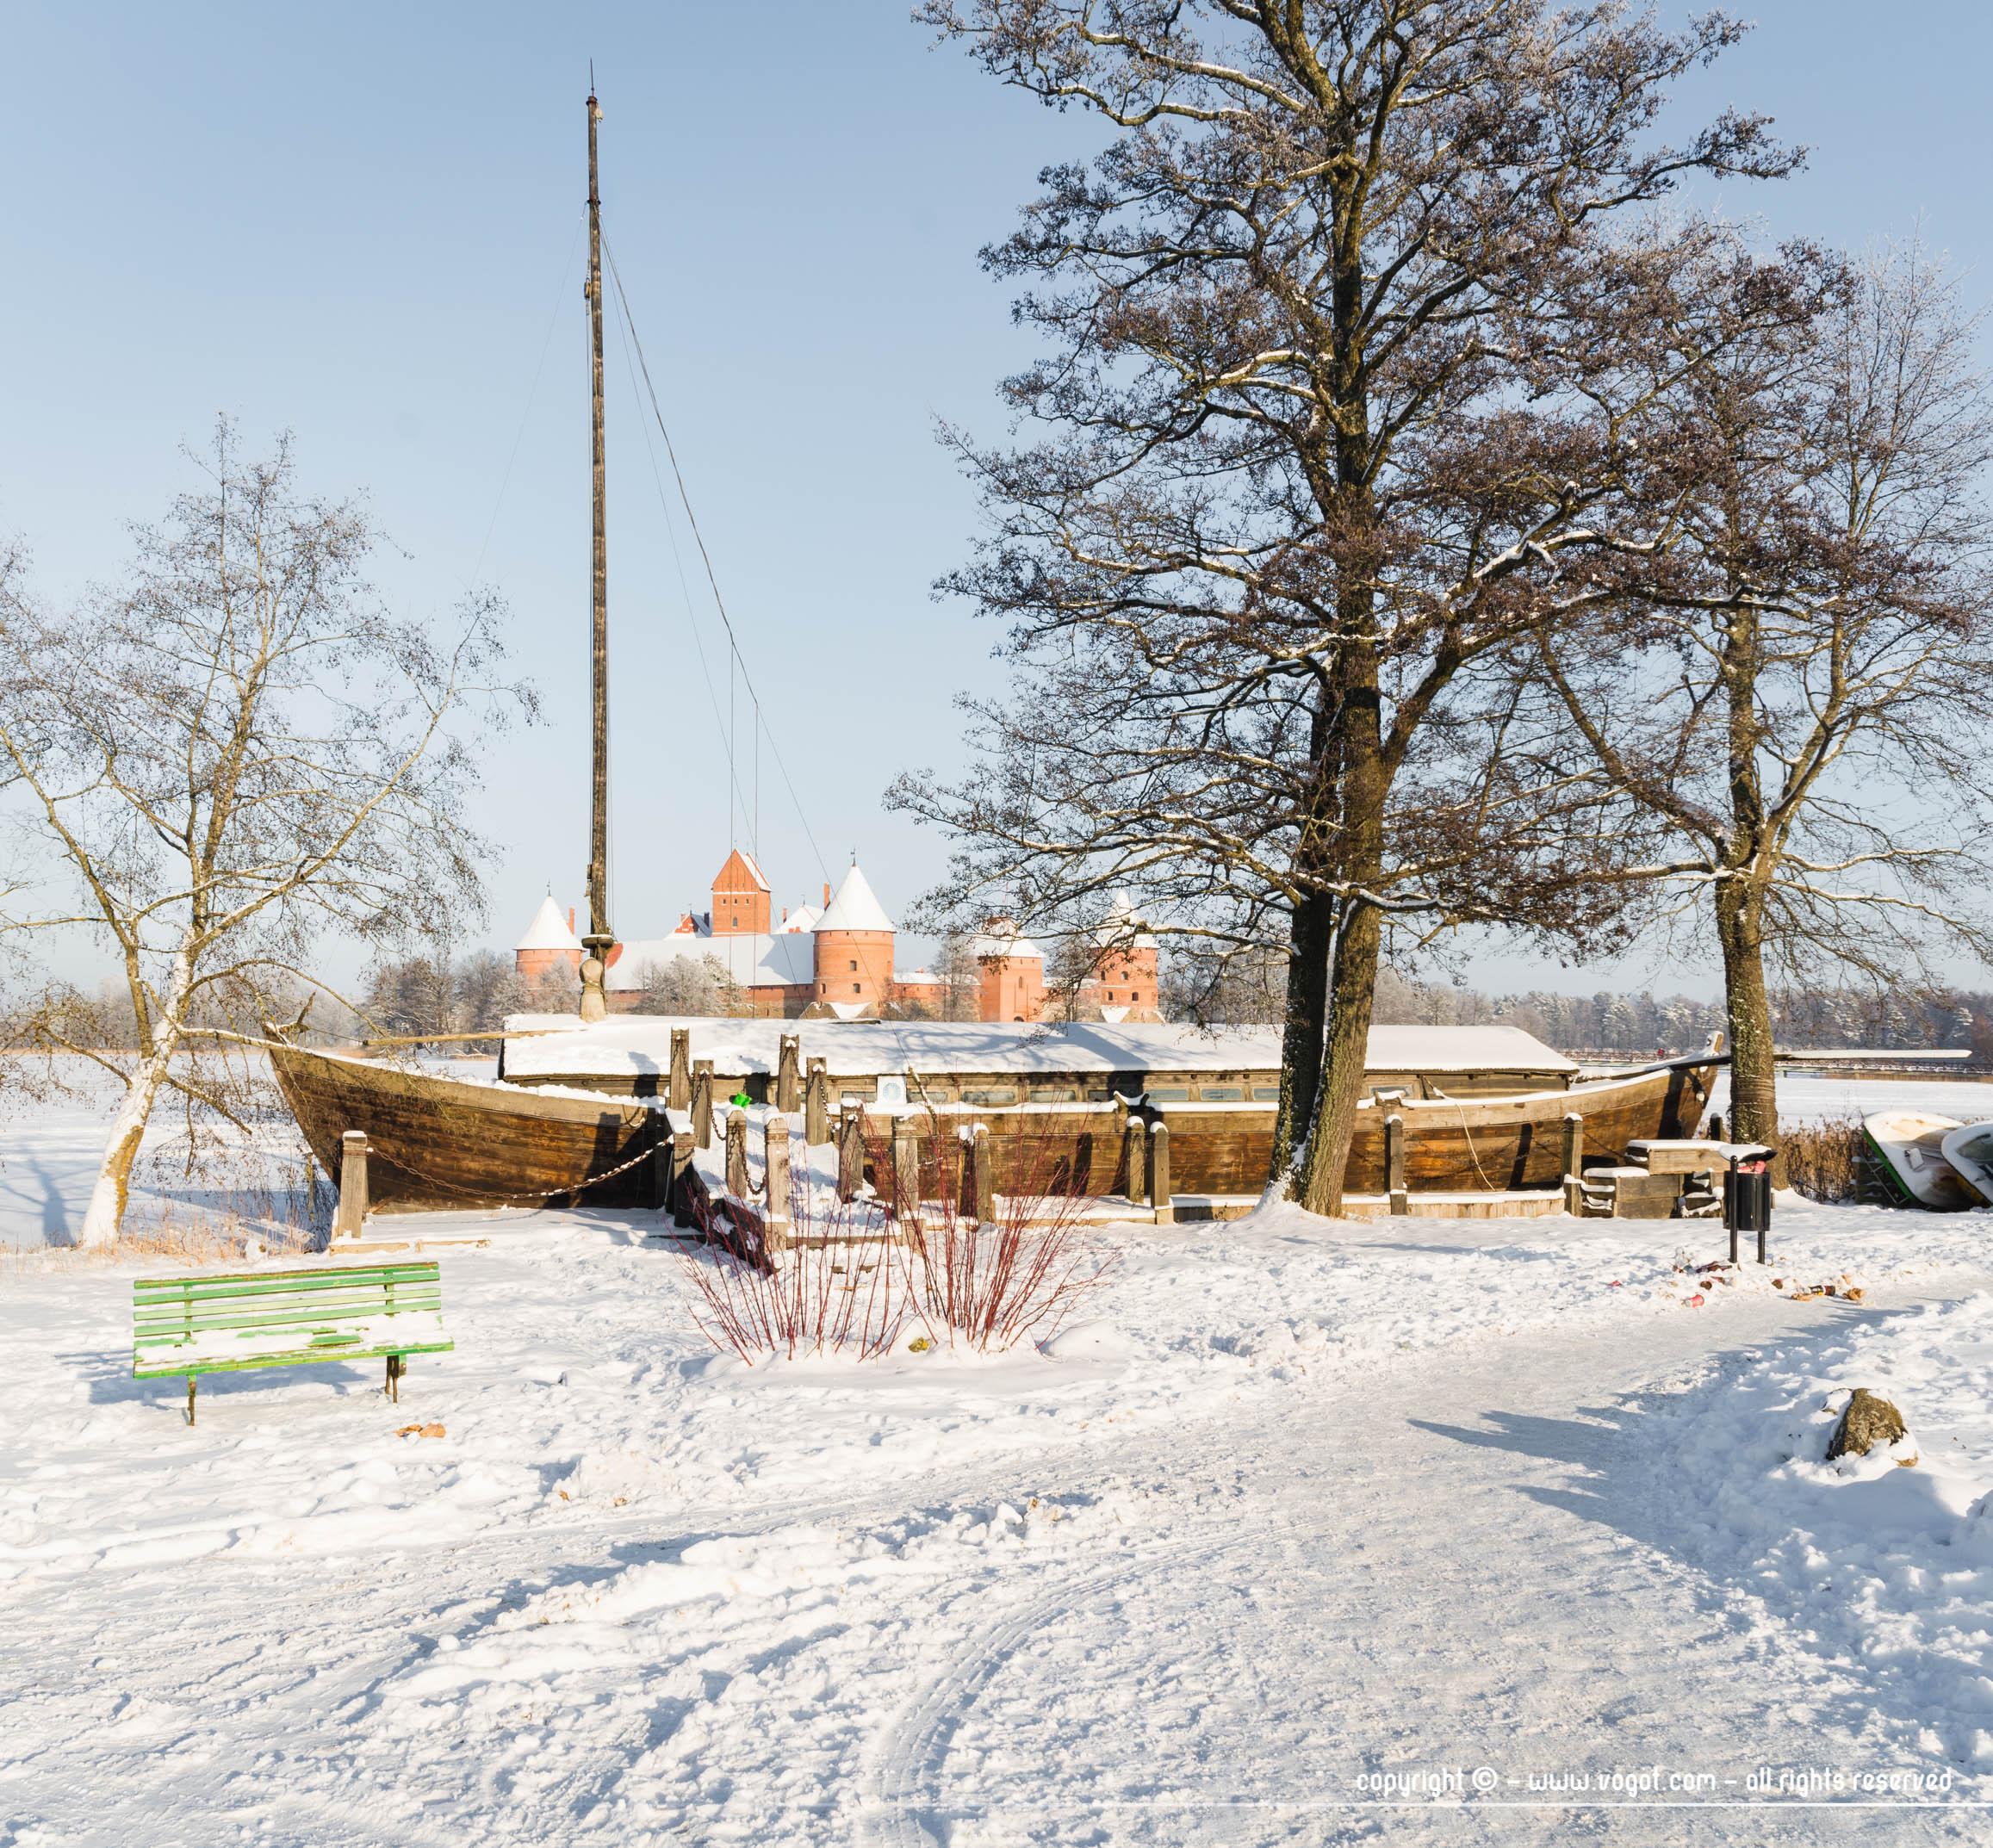 Bateau en bois sous la neige avec en arrière plan le château de Trakai